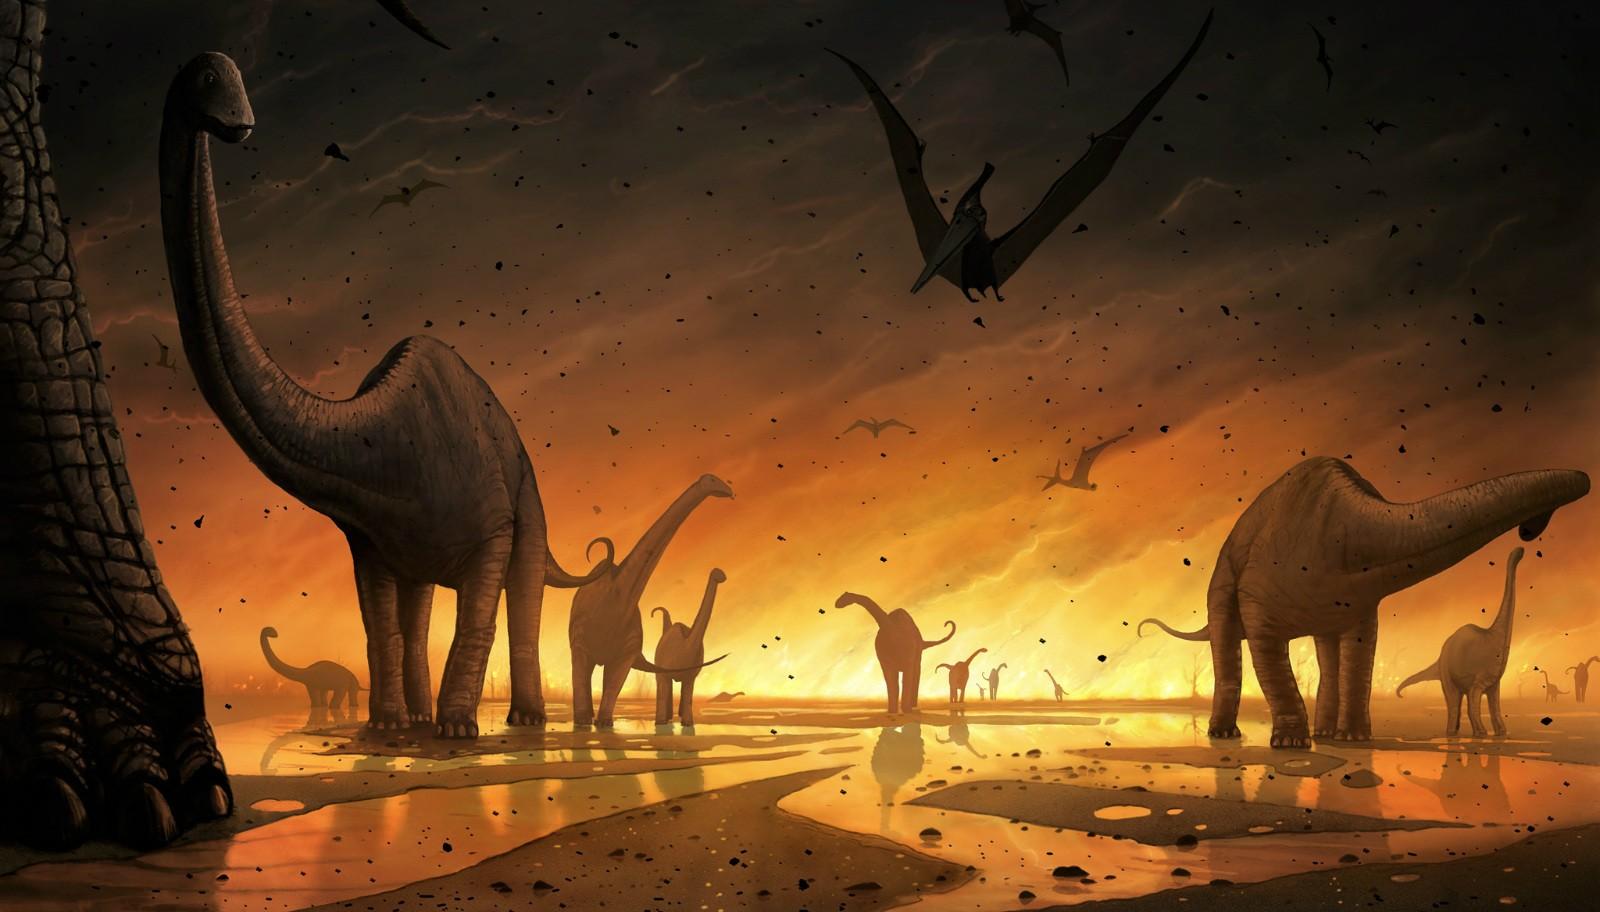 第四讲:假如恐龙没有灭绝,世界将会怎样?